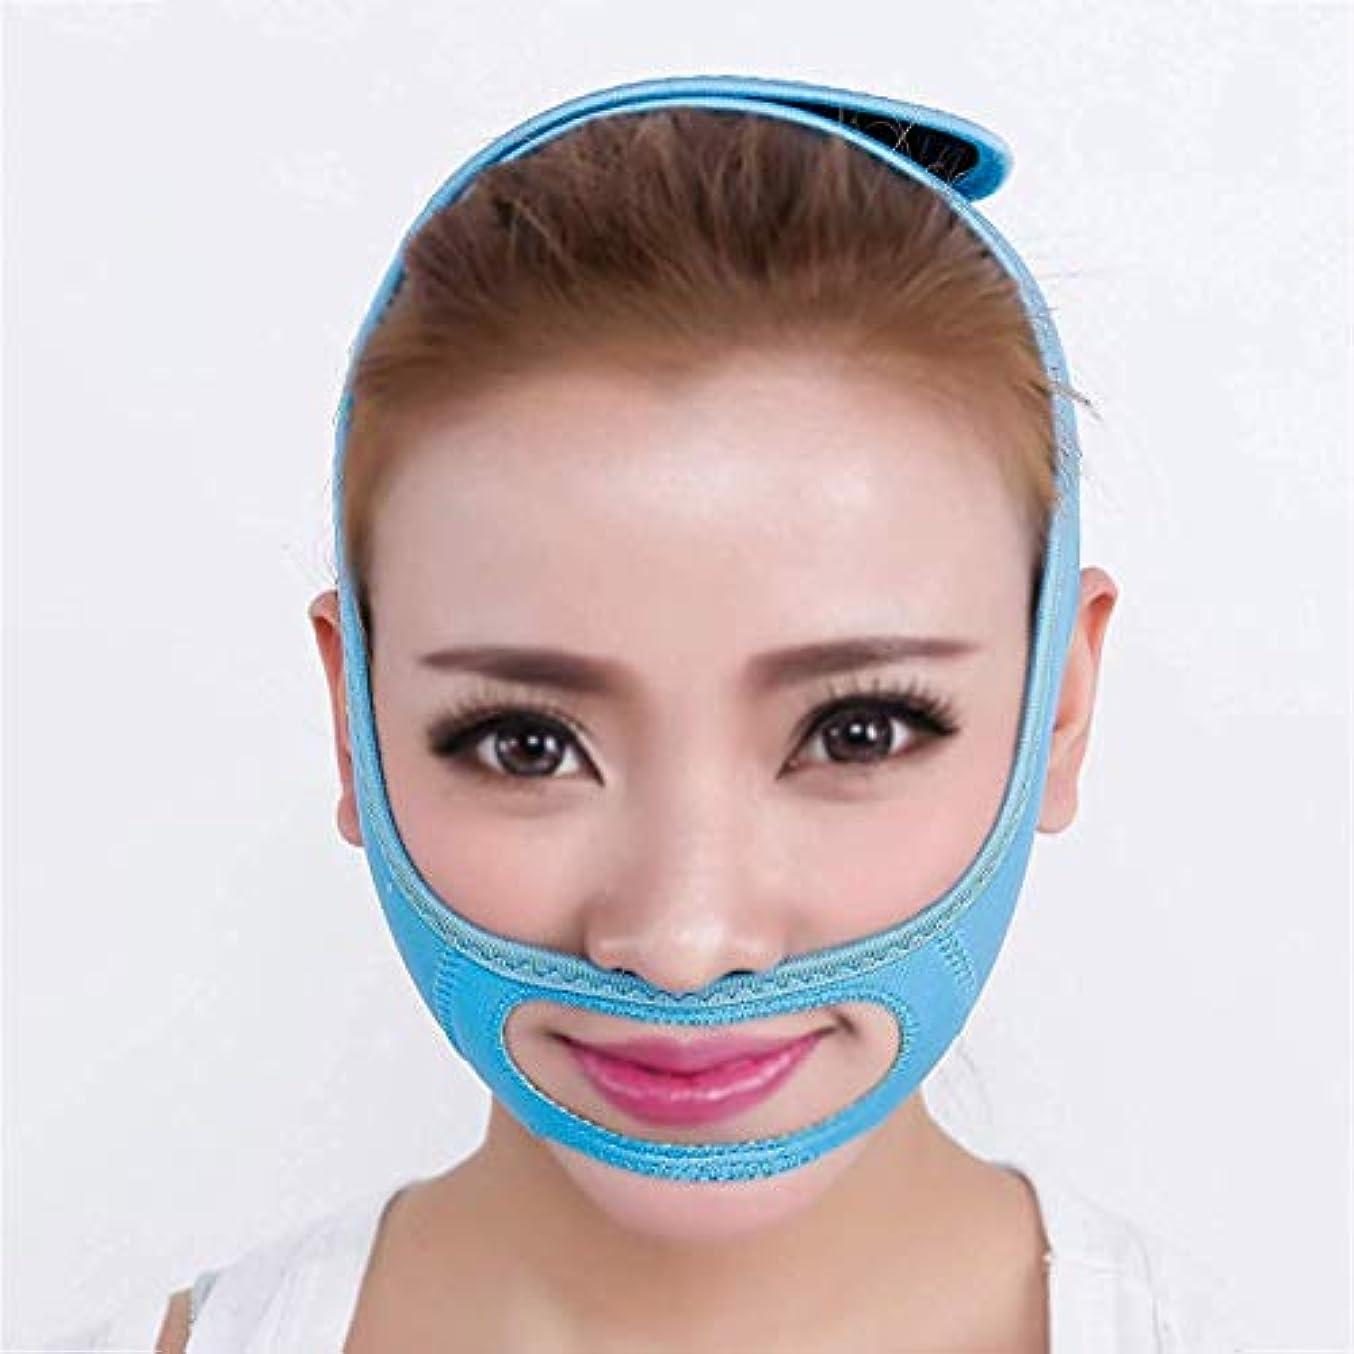 コンピューターを使用する葡萄タップWSJTT ケアフュージョン停止いびきチンストラップ小顔ツールVフェイス包帯フェイシャルリフティングフェイシャルマッサージ美容通気性マスクVフェイスマスクブルースリープ薄い顔